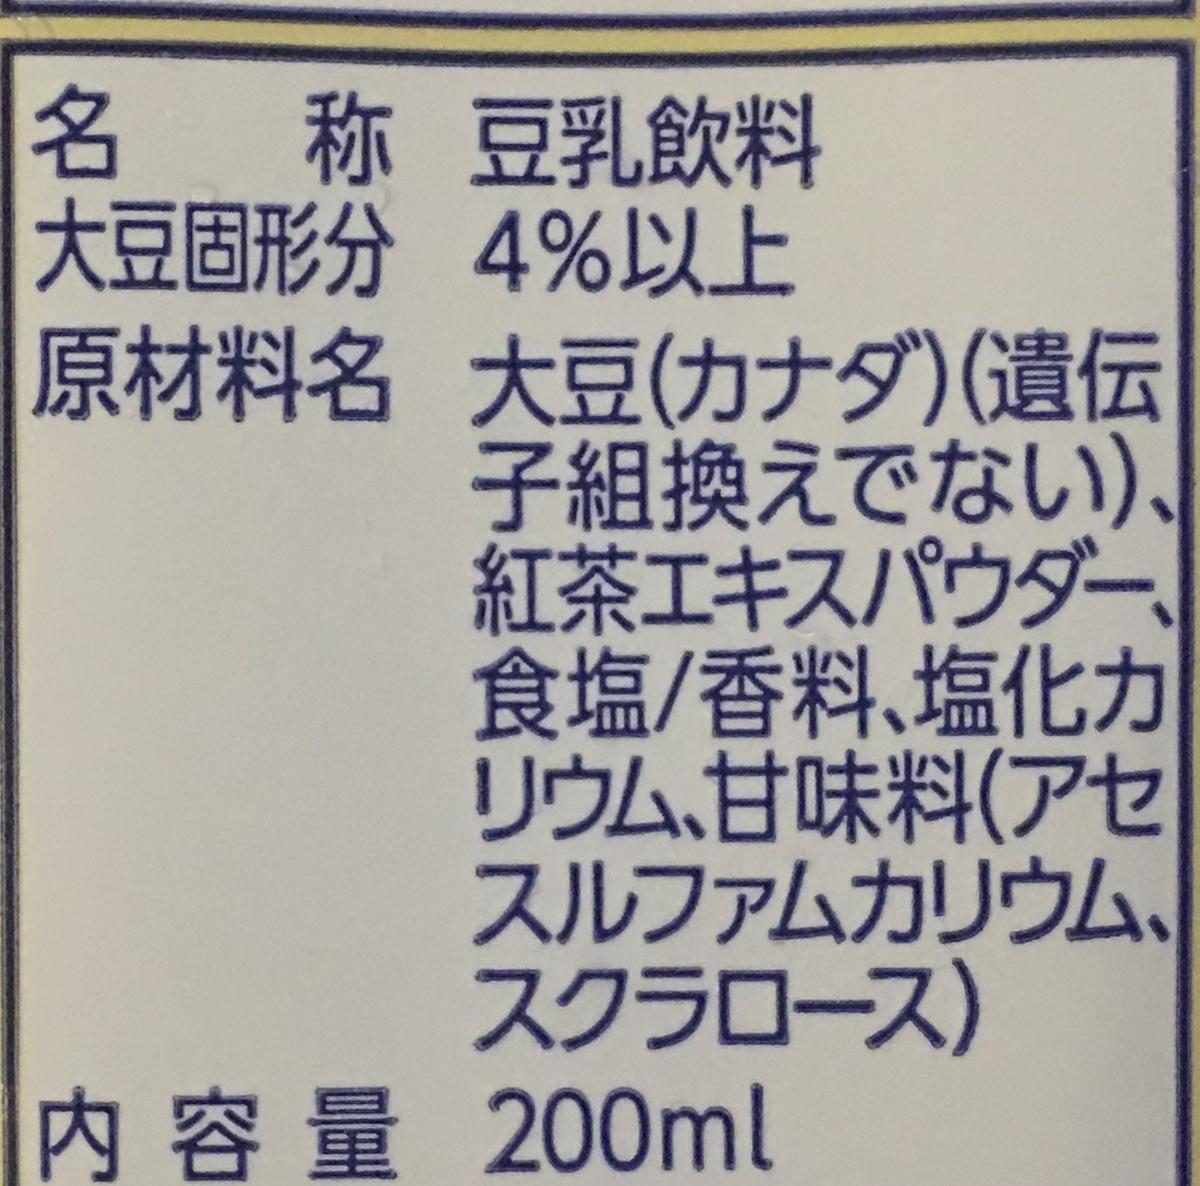 f:id:YOSHIO1010:20190904010905j:plain